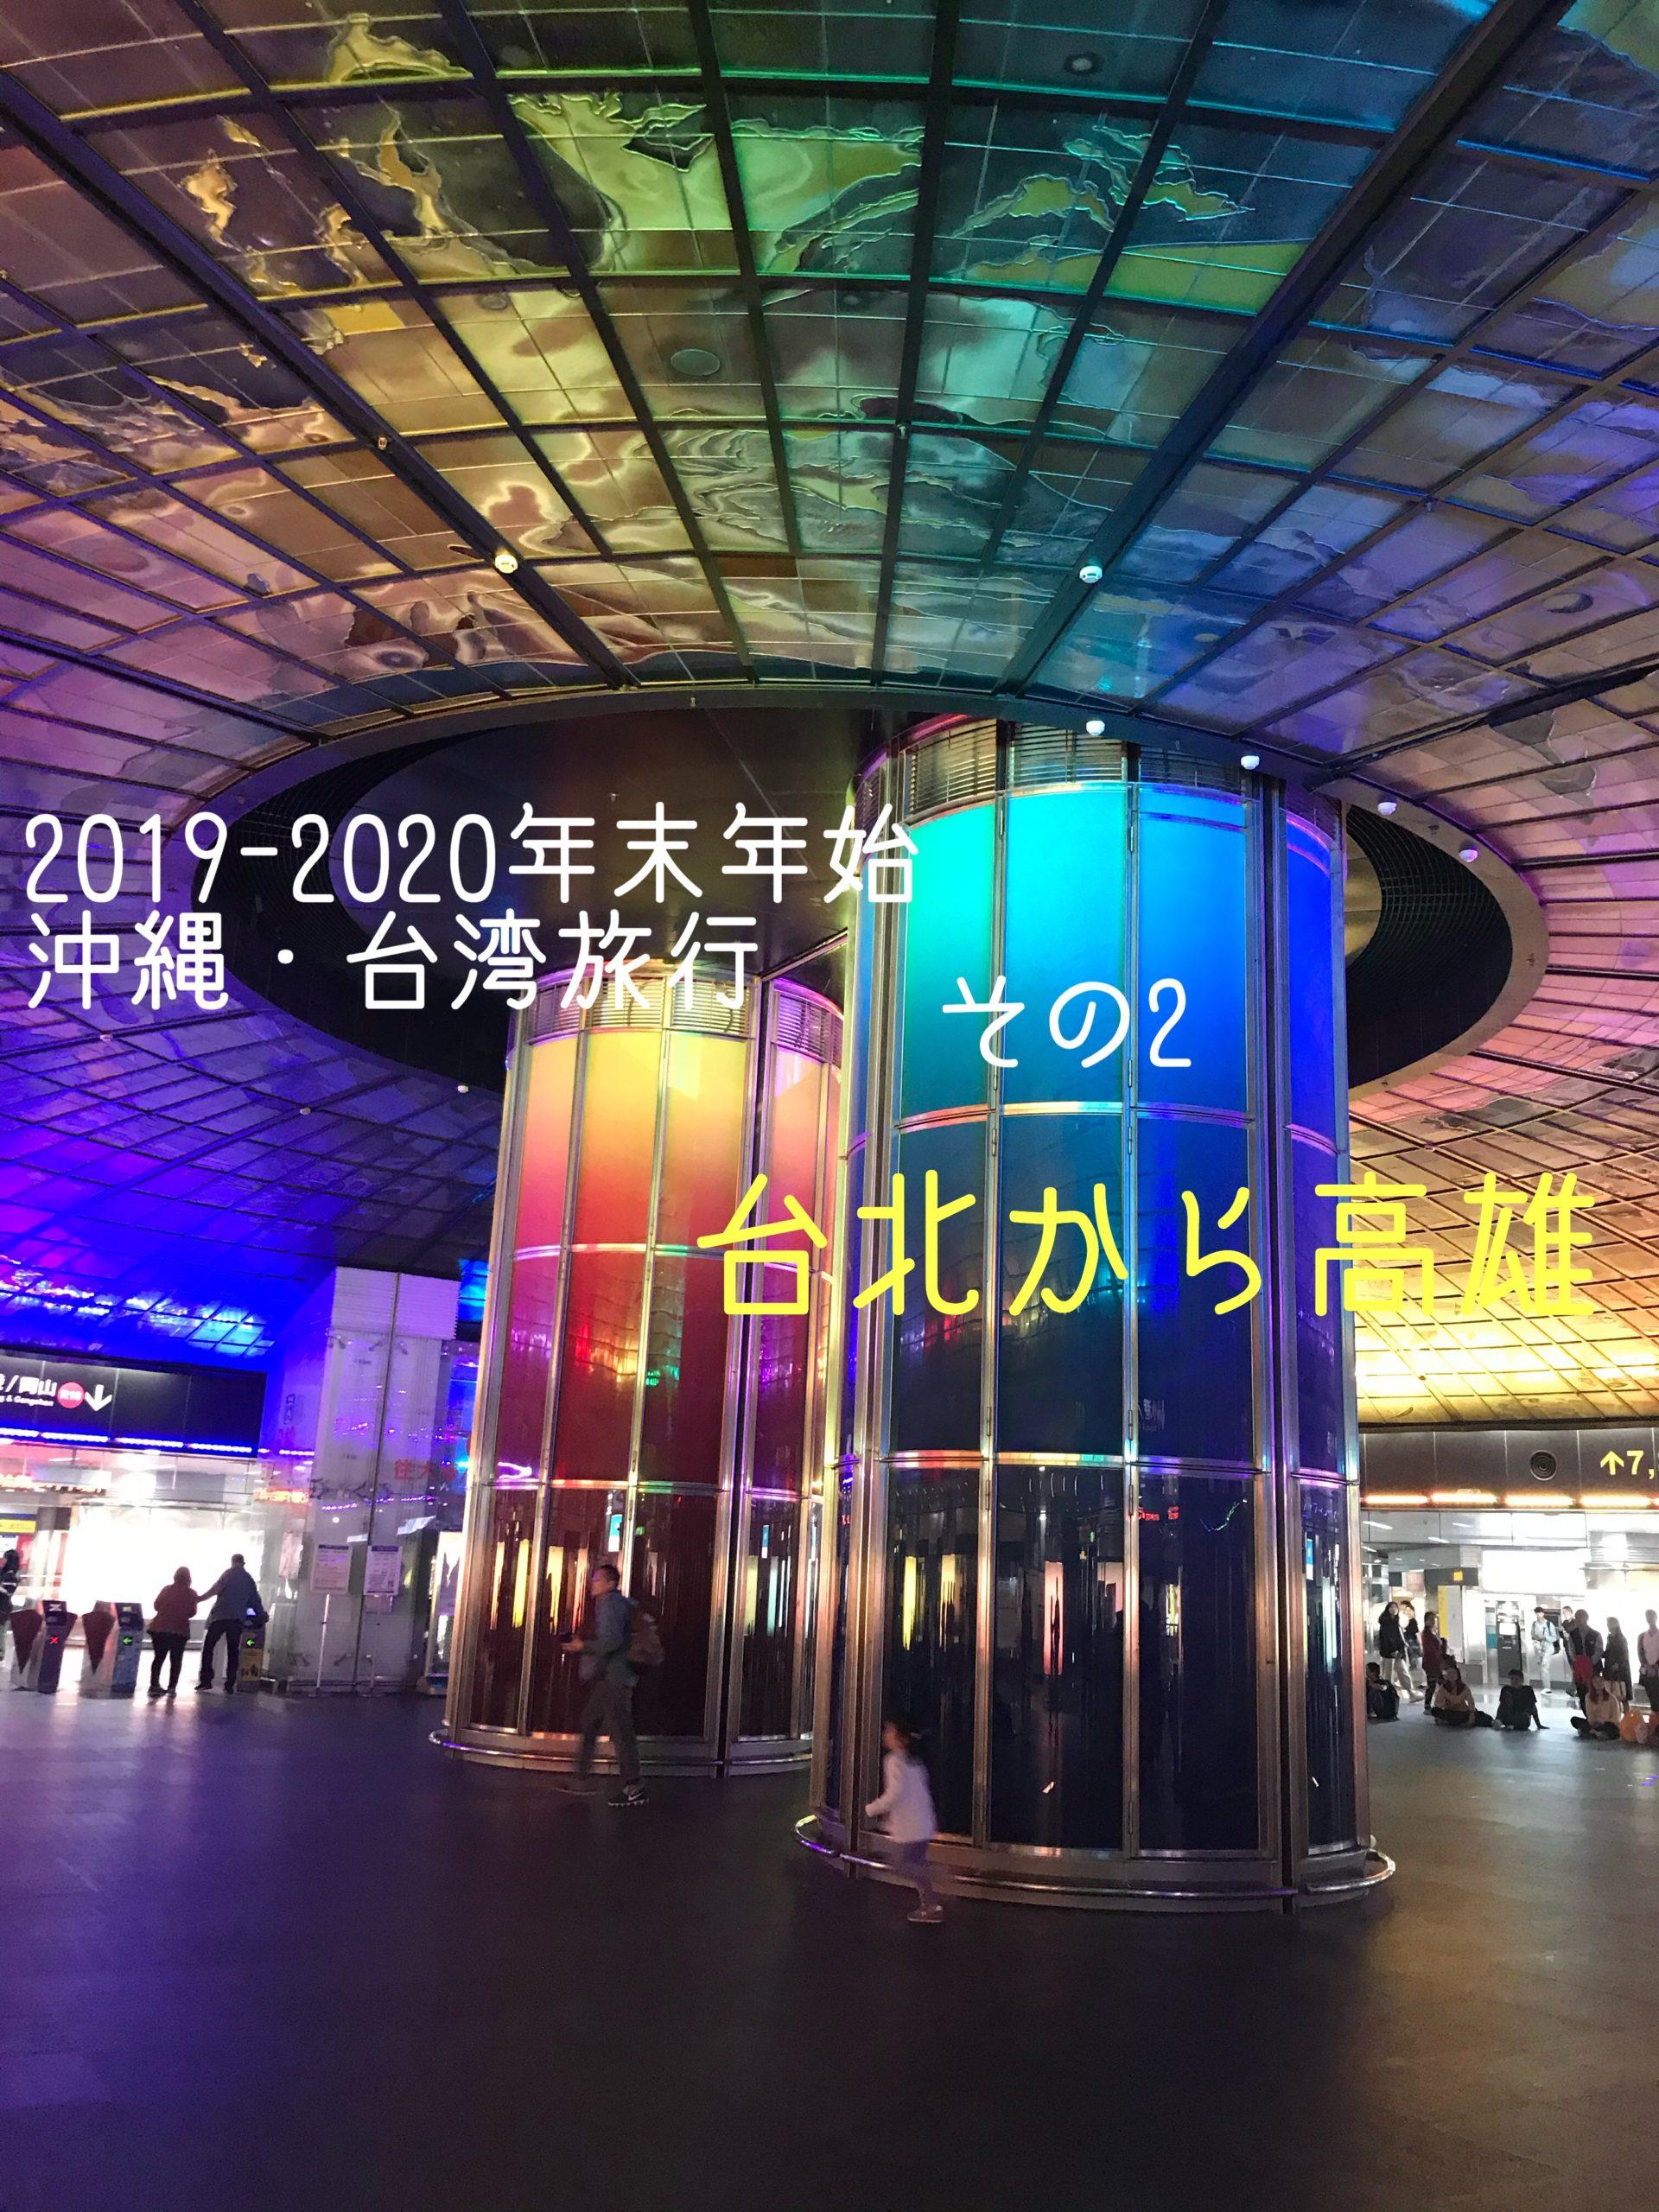 2019-2020年末年始 沖縄・台湾旅行の記録 その2 台北〜高雄編